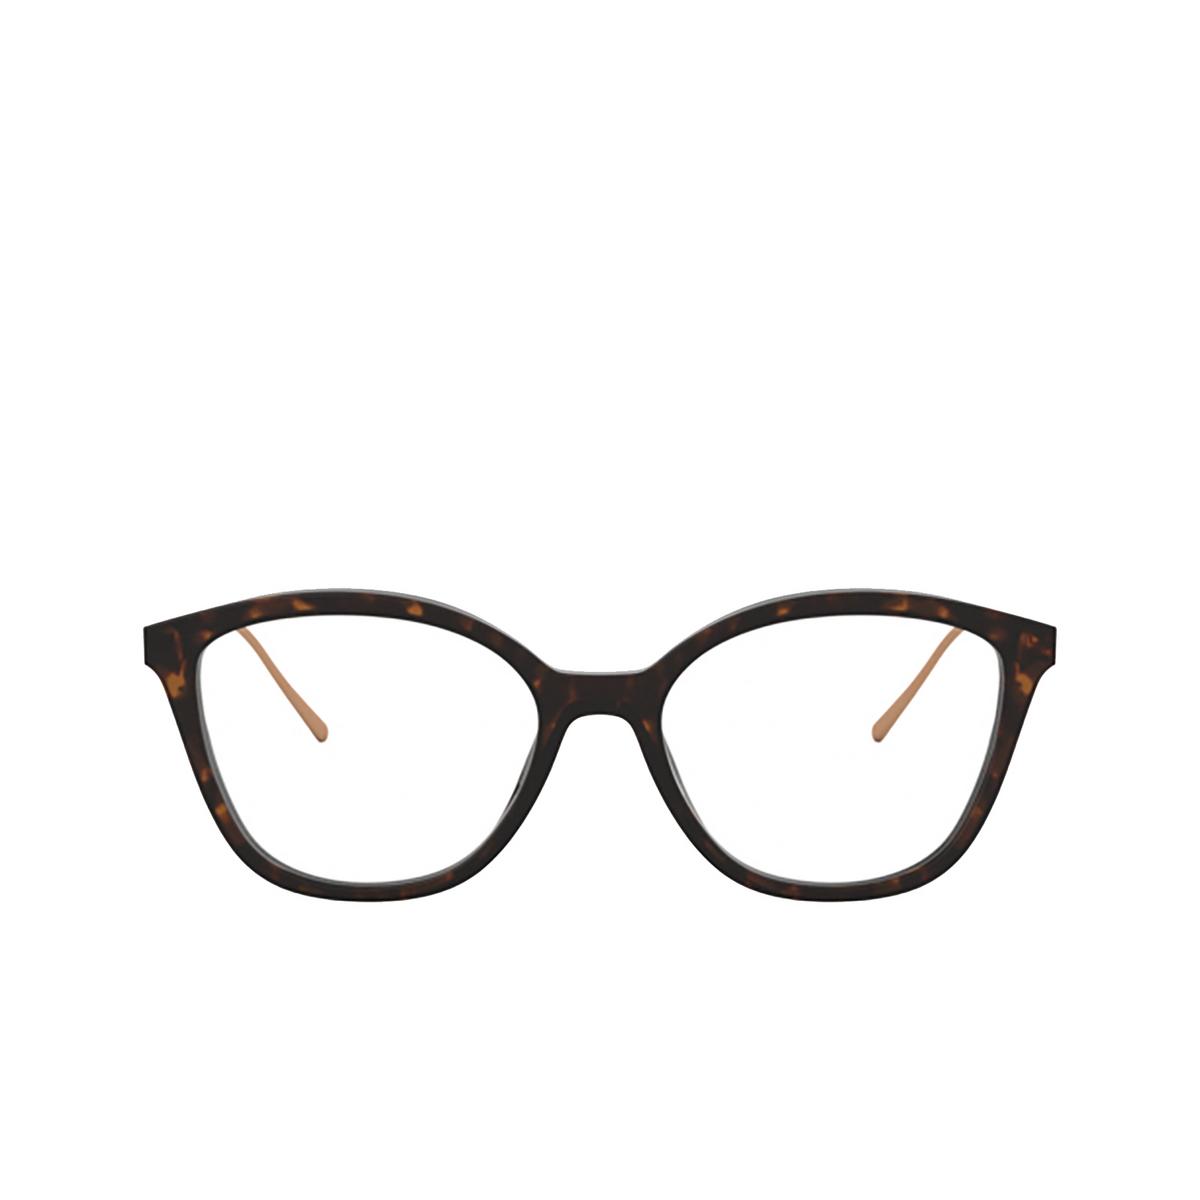 Prada® Square Eyeglasses: PR 11VV color Havana 2AU1O1 - front view.